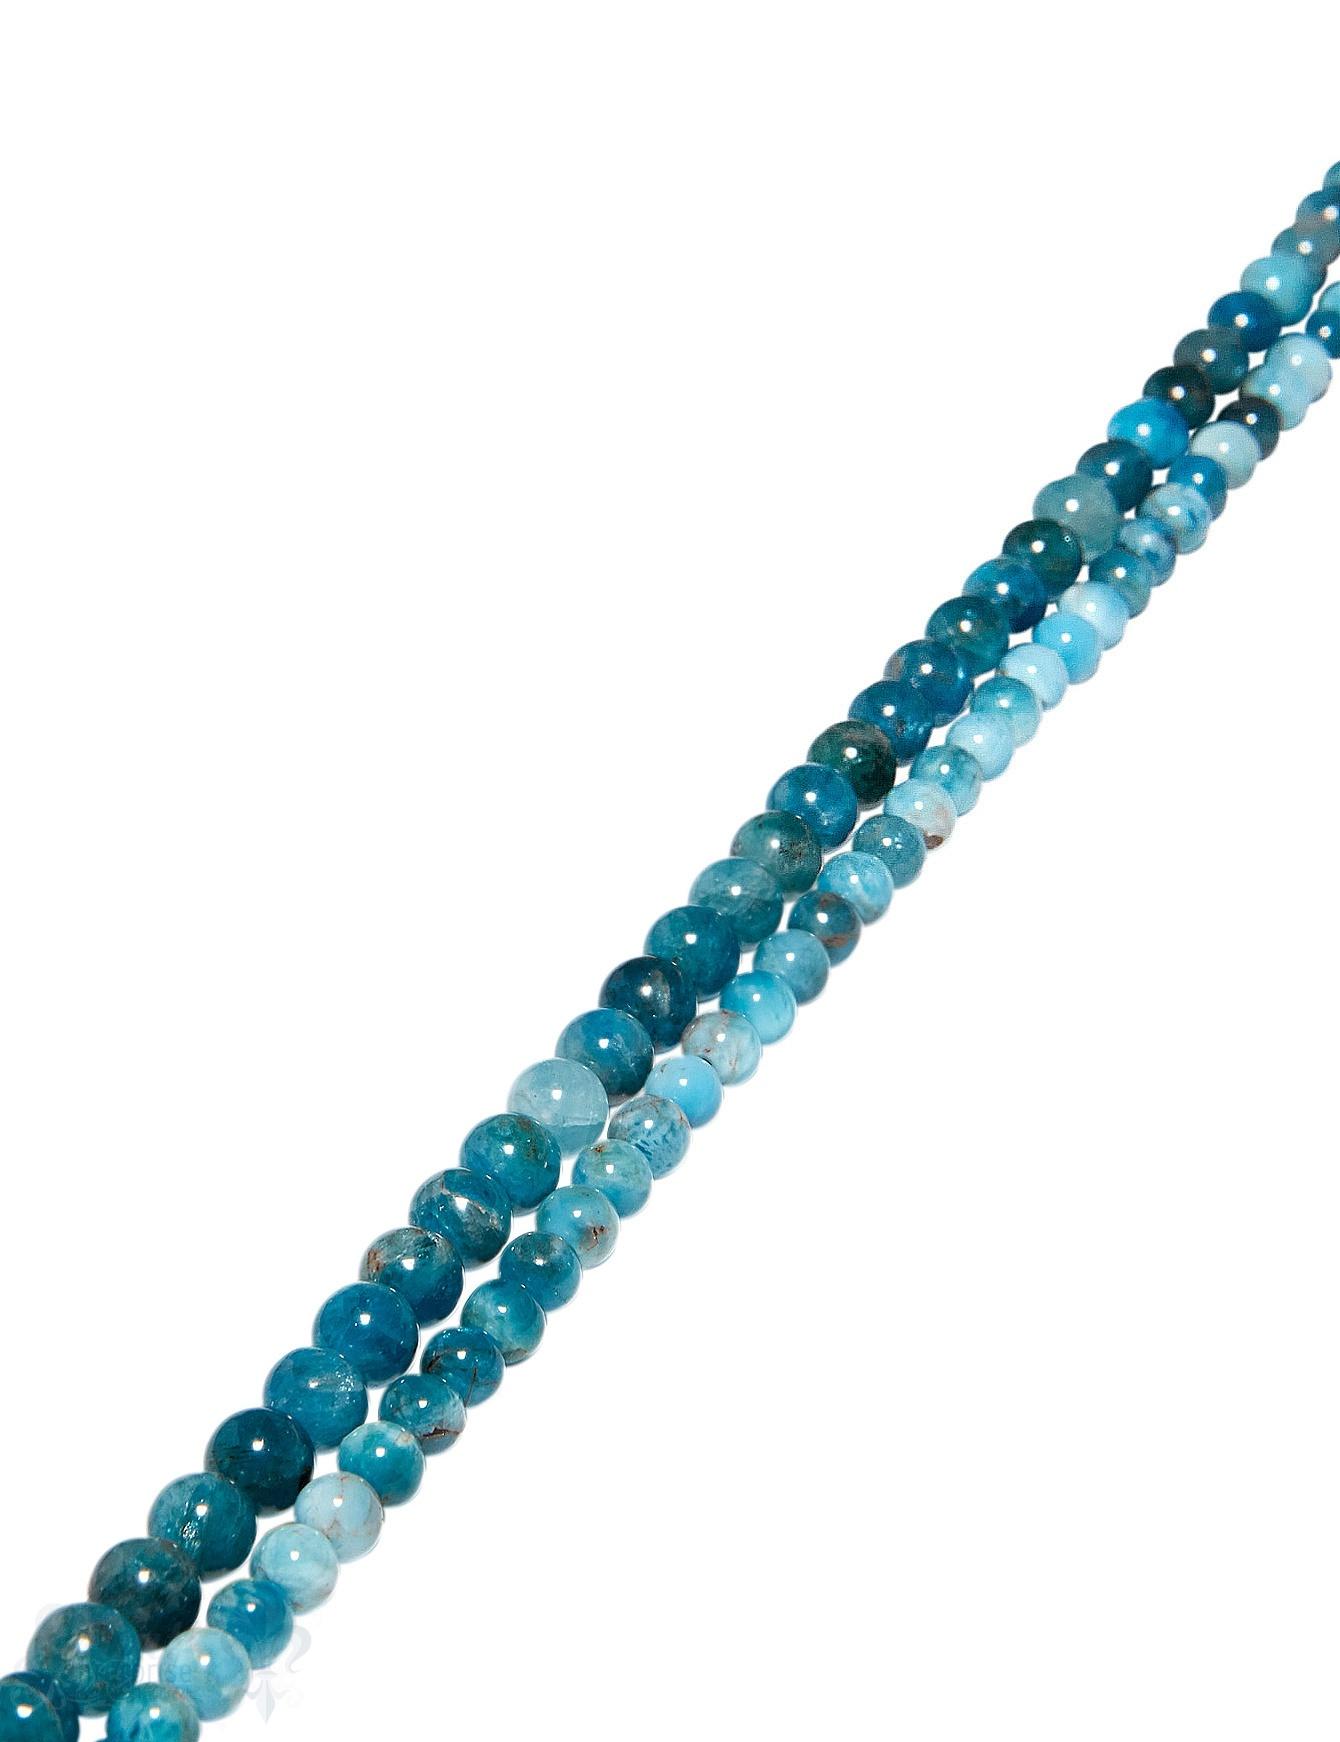 Apatit Strang blau poliert Kugeln rund eingefärbt